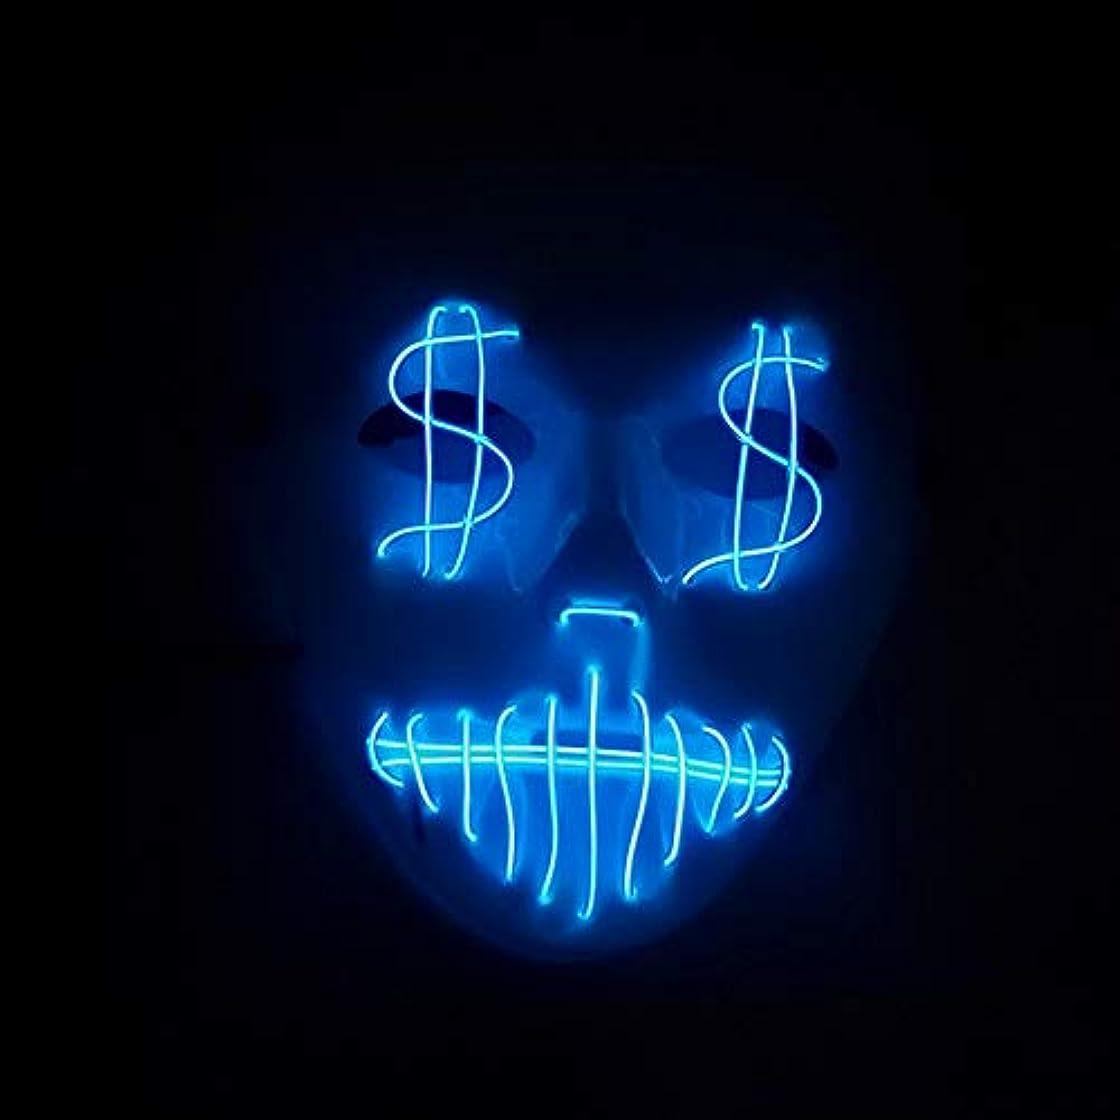 バスルームパネル悲しむテロ イルミネーション LED マスク 2個 ハロウィン EL ワイヤー ゴールドライン 口を絞る プロム パーティー マスク (18 * 18 * 9センチメートル) MAG.AL